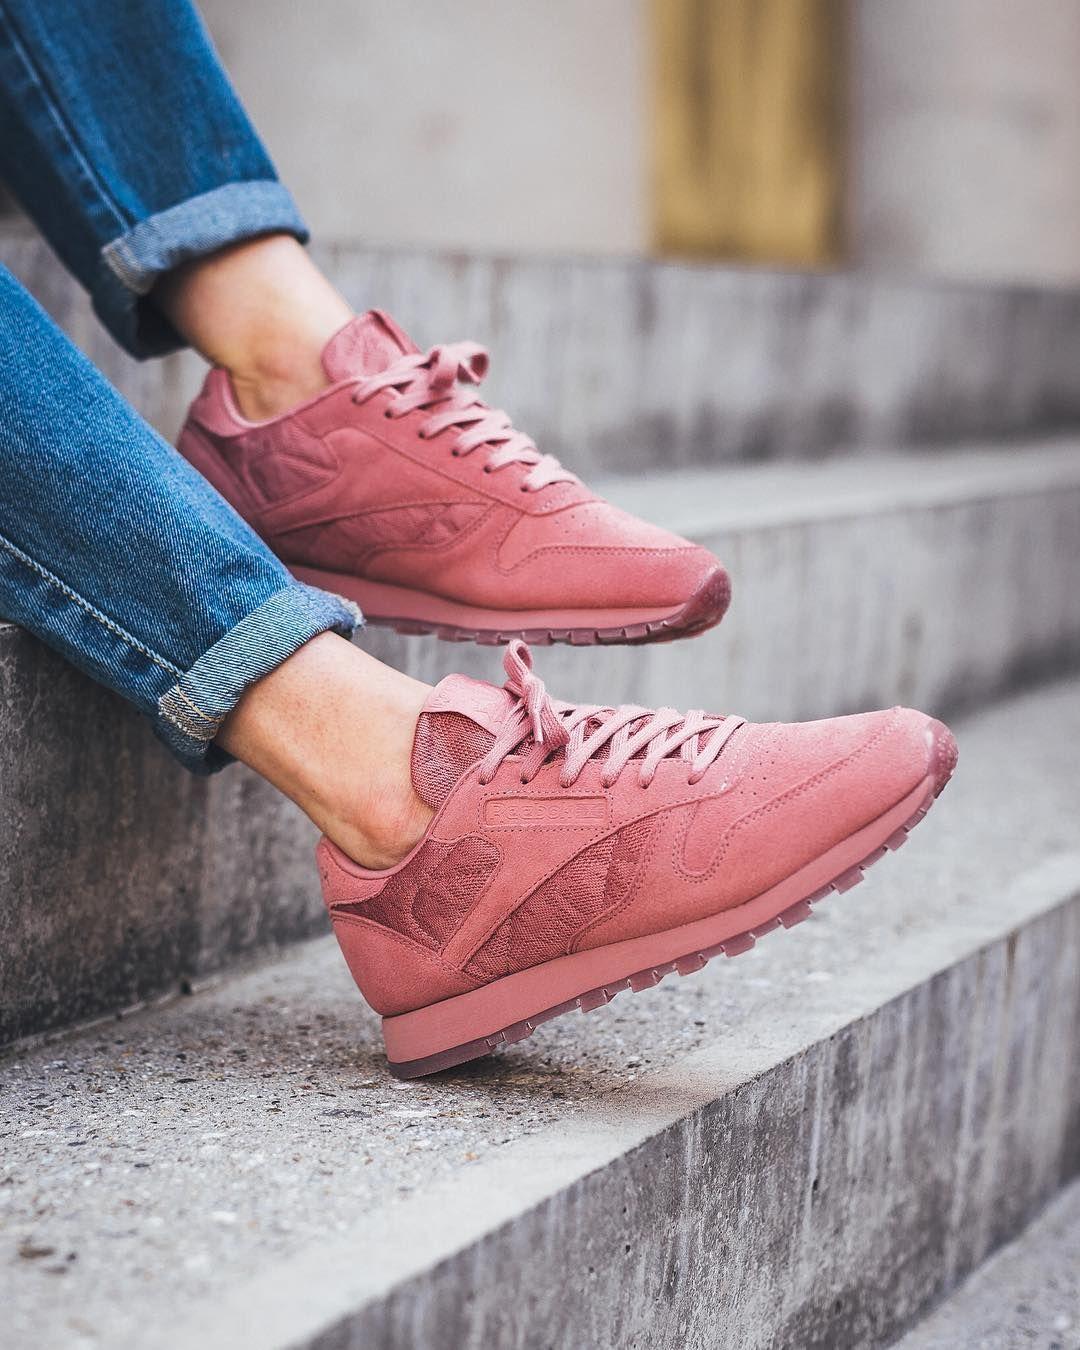 Inventive Reebok Botas Deportivas De Piel Nº 38 Athletic Shoes